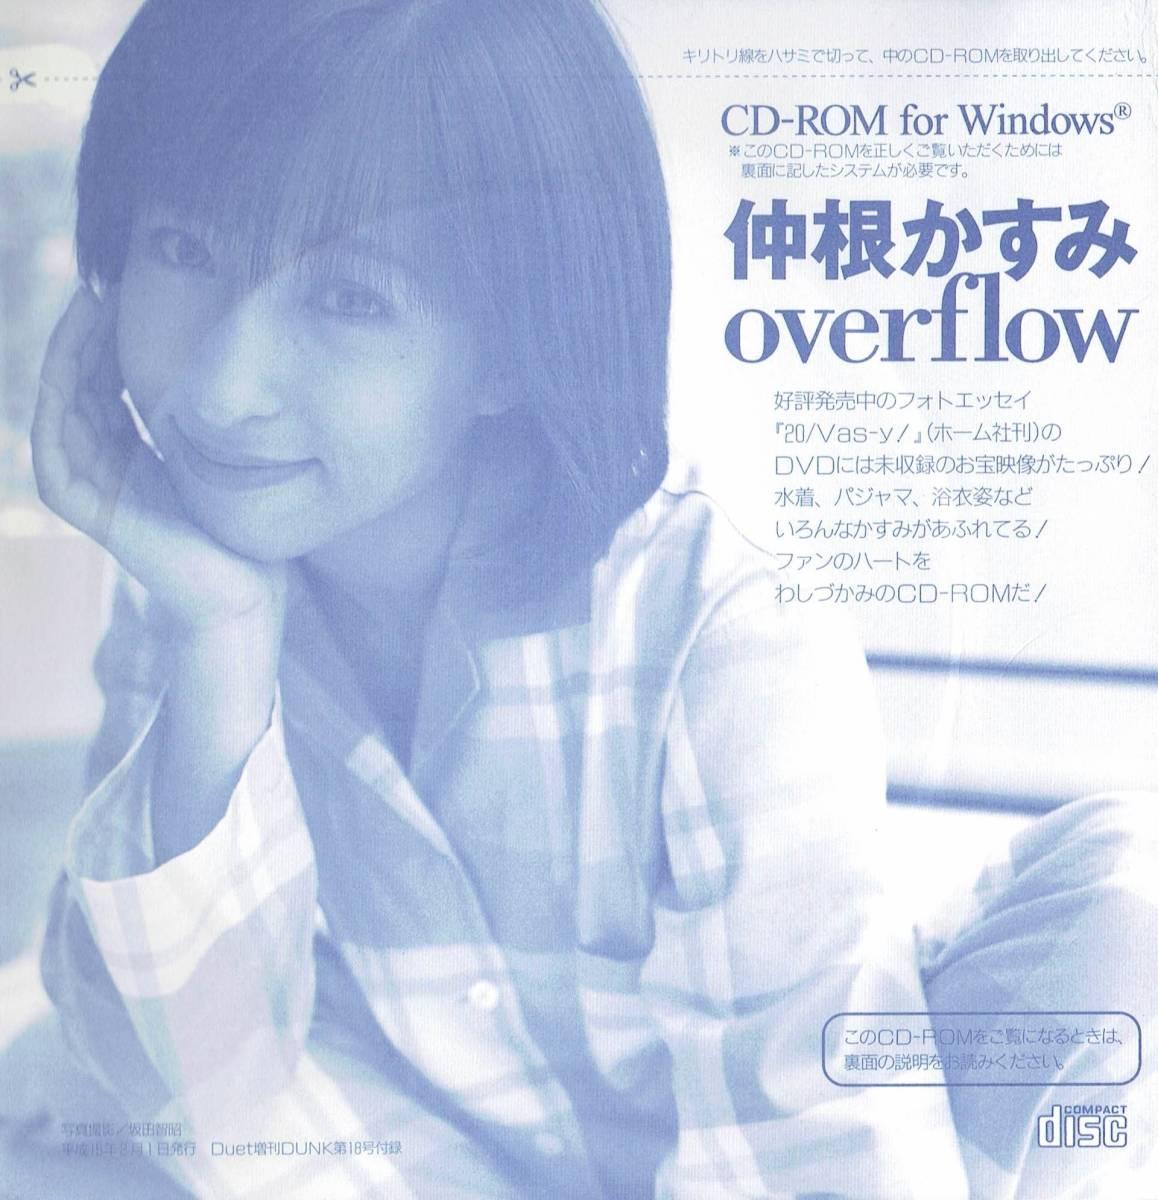 Duet増刊DUNK第18号付録 CD-ROM 仲根かすみ overflow 2003年